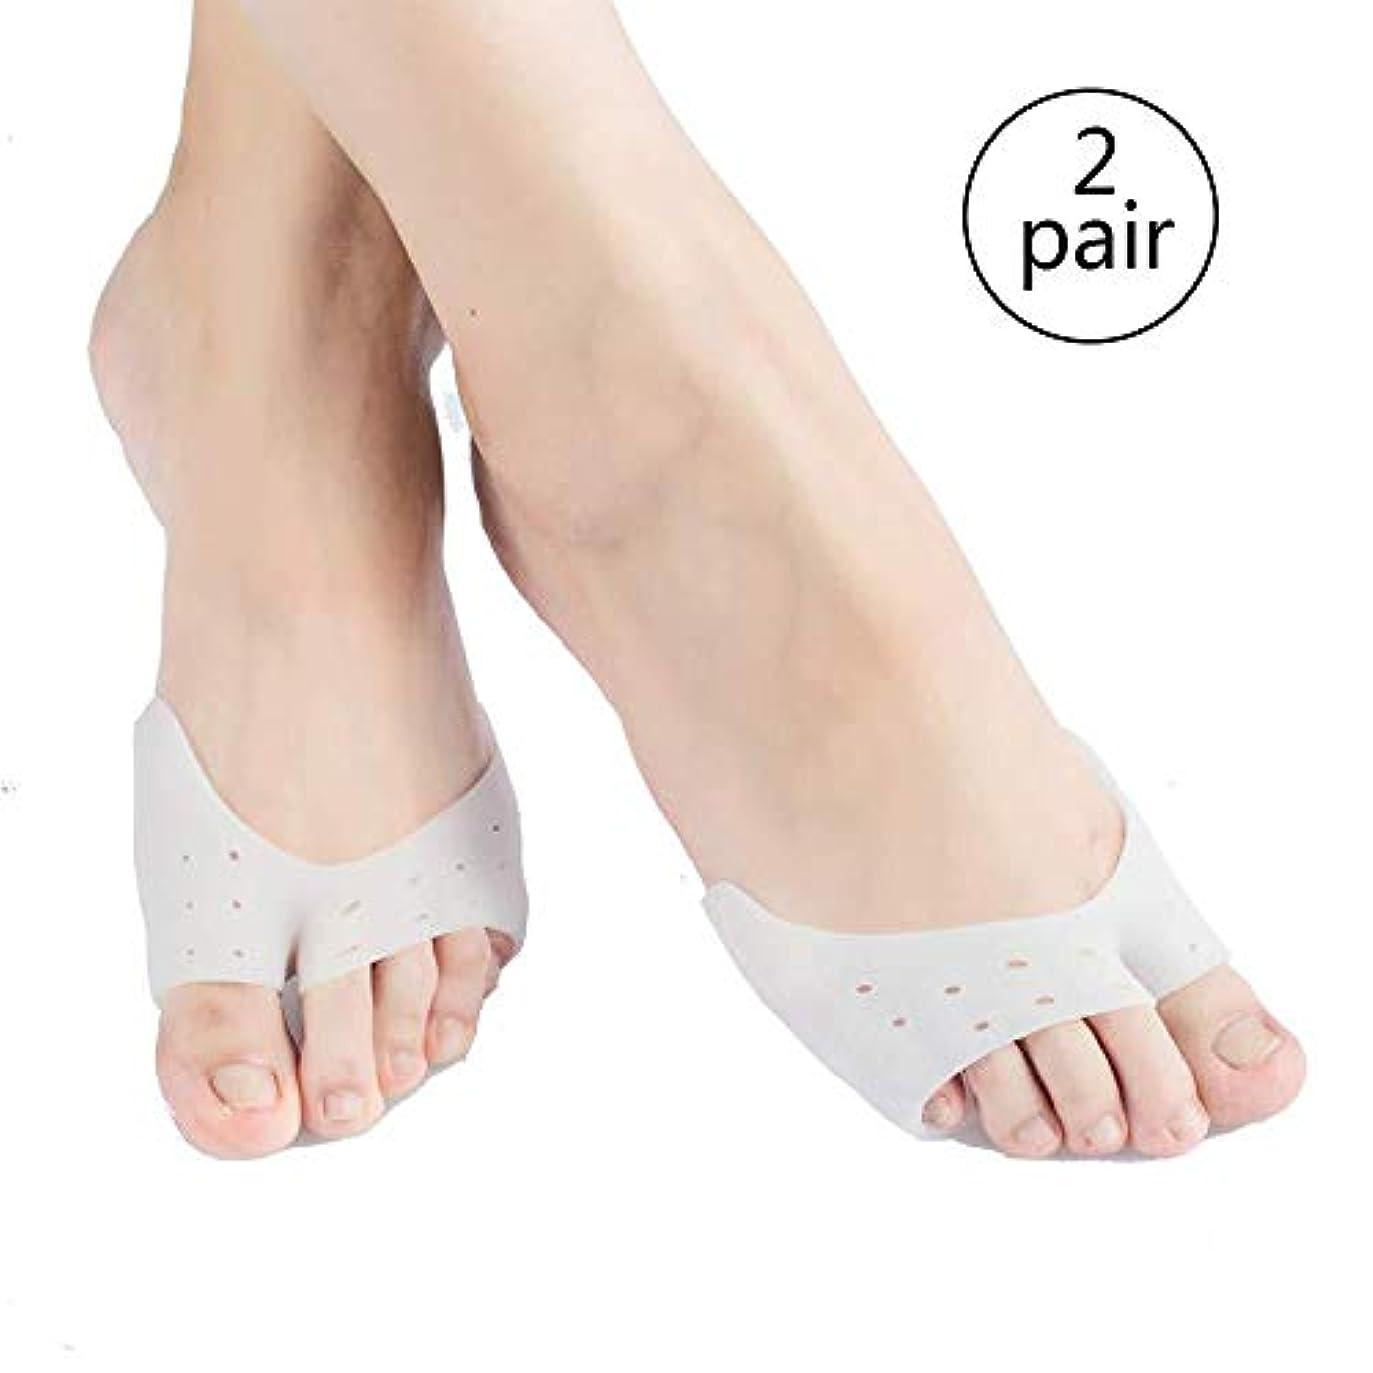 パス感情の頼む足のセパレーター、足の親指のアライナー、足の親指の矯正、ナイトバニオンの寛解、男性と女性の外反母hallの痛みの緩和